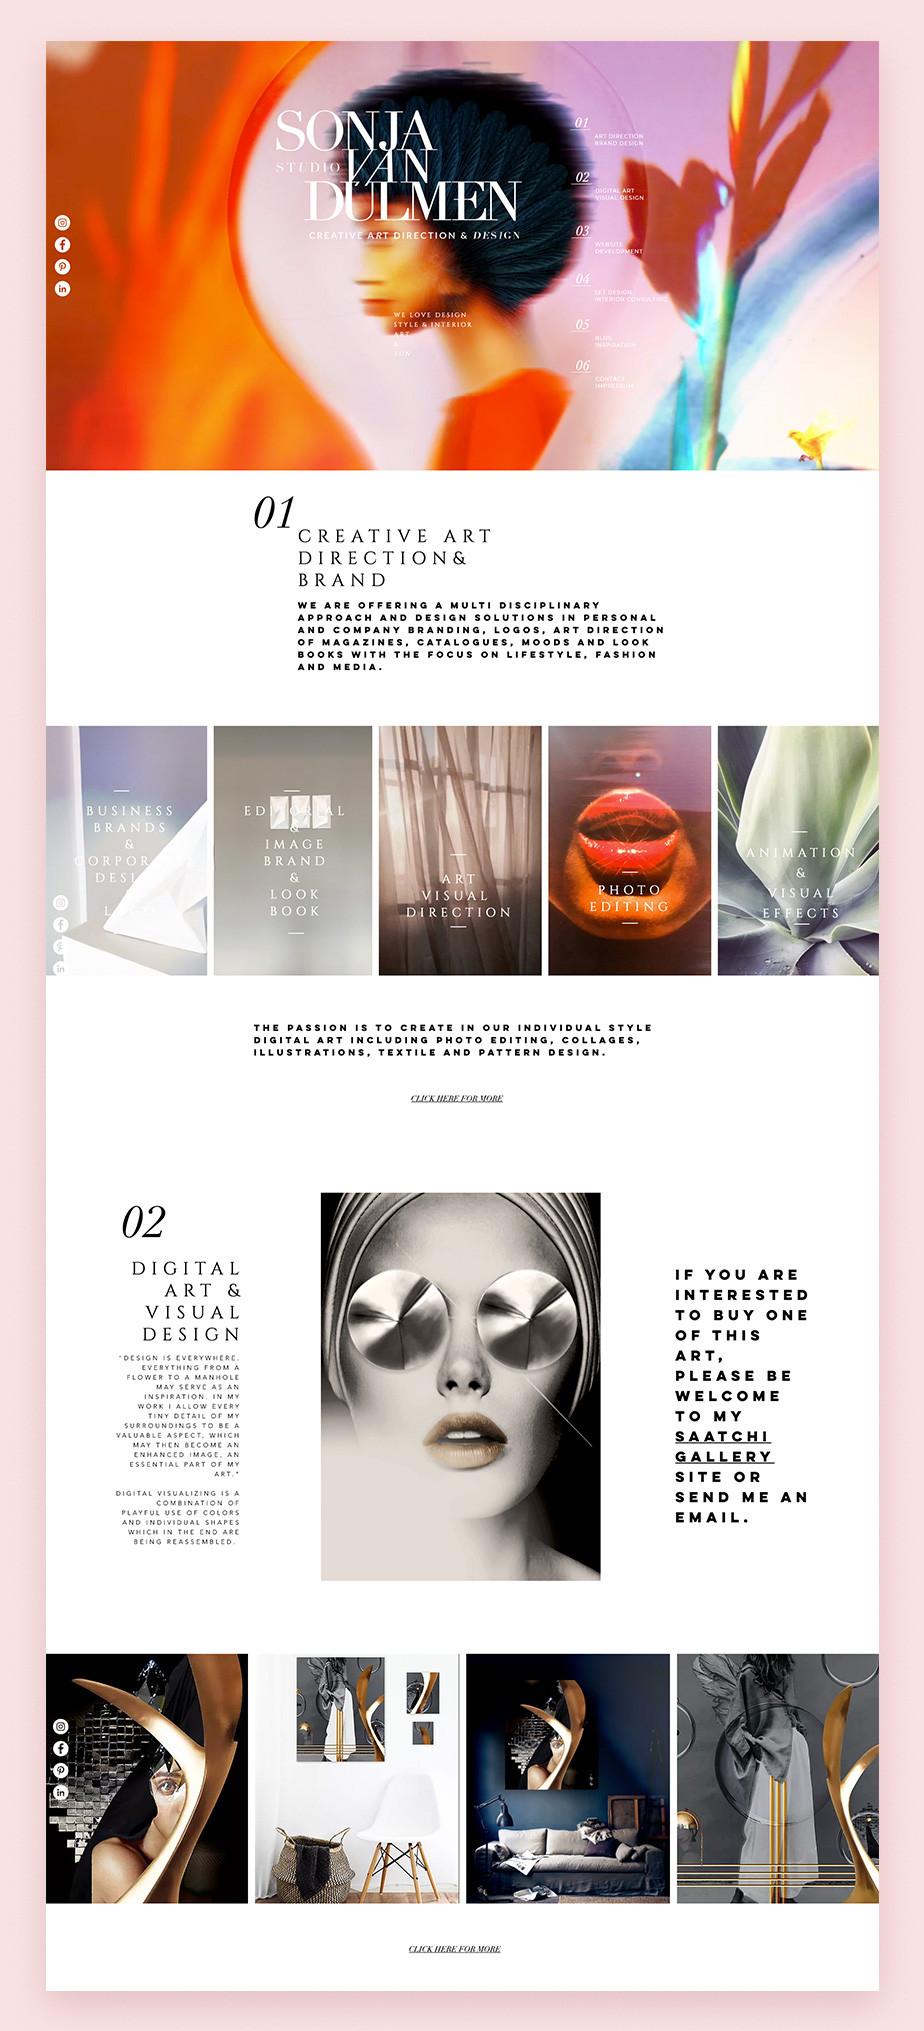 Wix website example by Sonja van Duelmen